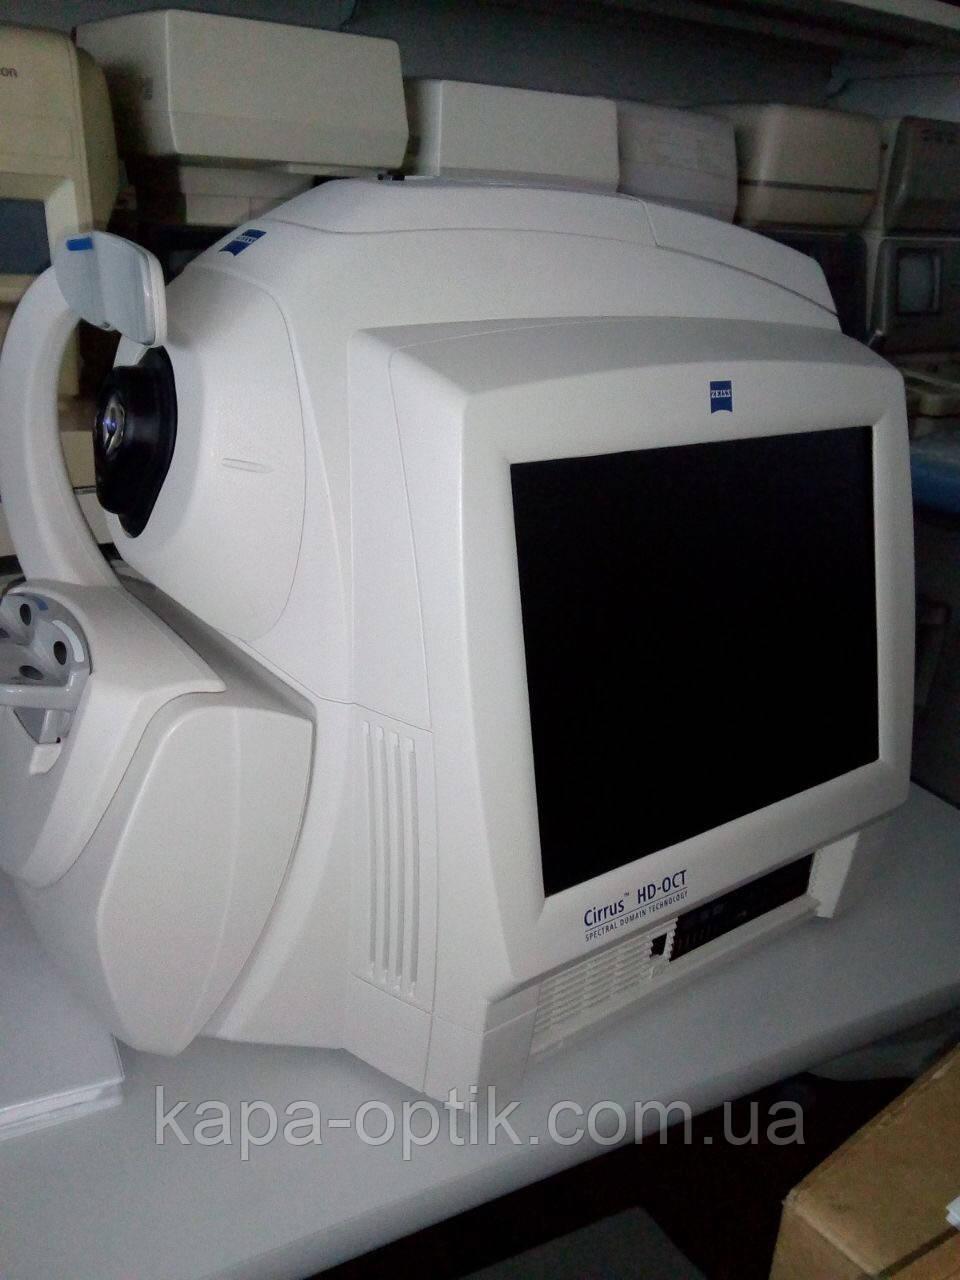 Когерентный томограф роговицы ZEISS CIRRUS HD-OCT 4000